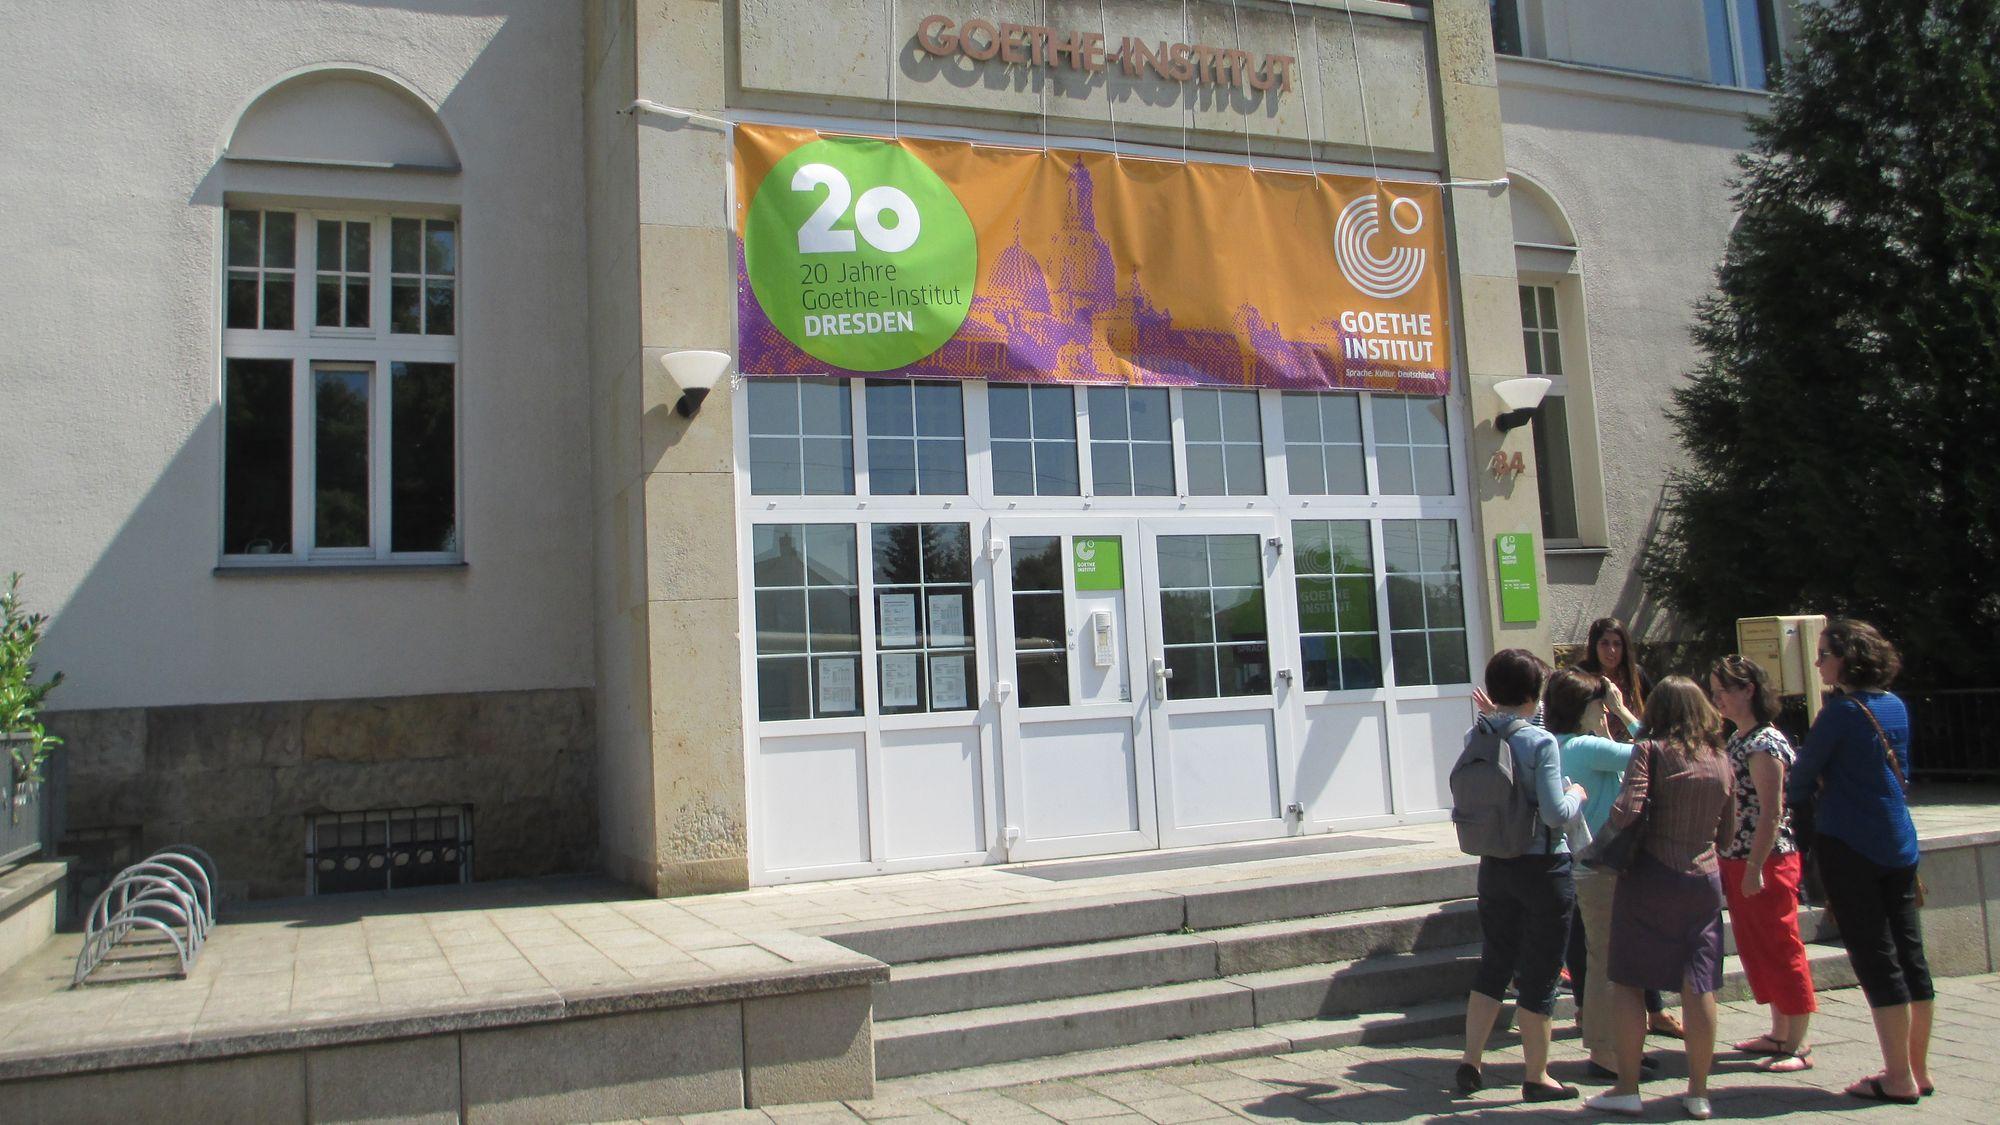 Das Goethe-Institut in Dresden feiert dieses Jahr 20. Jubiläum